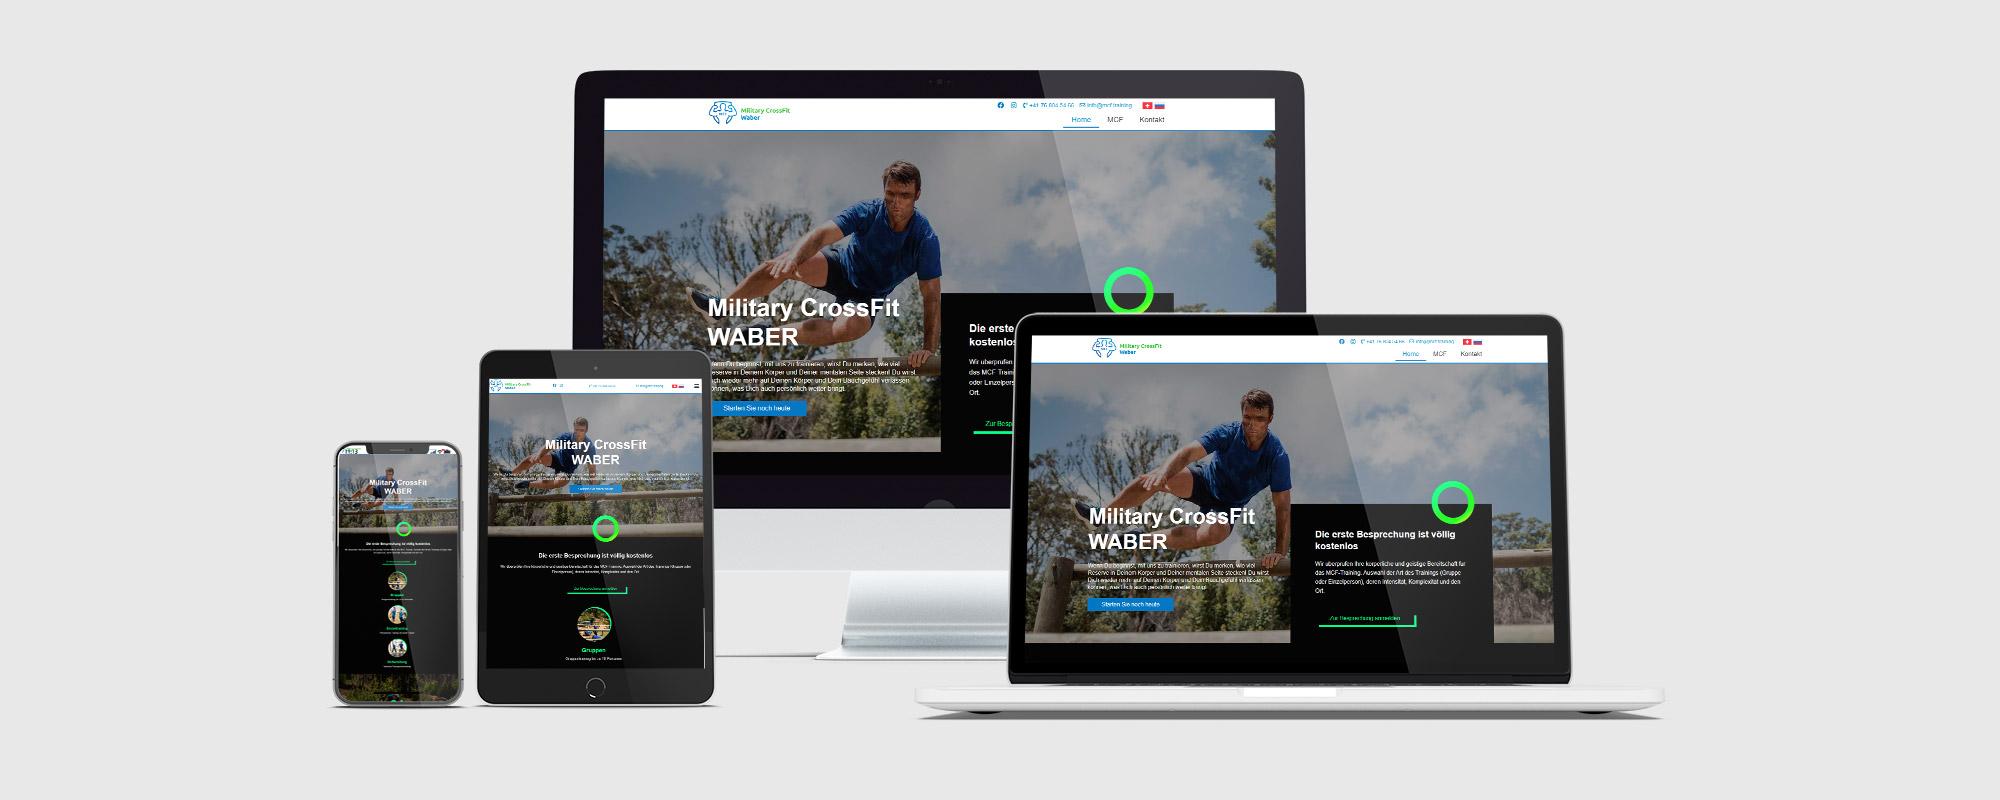 Website-Entwicklung für einen persönlichen Military CrossFit-Instruktor